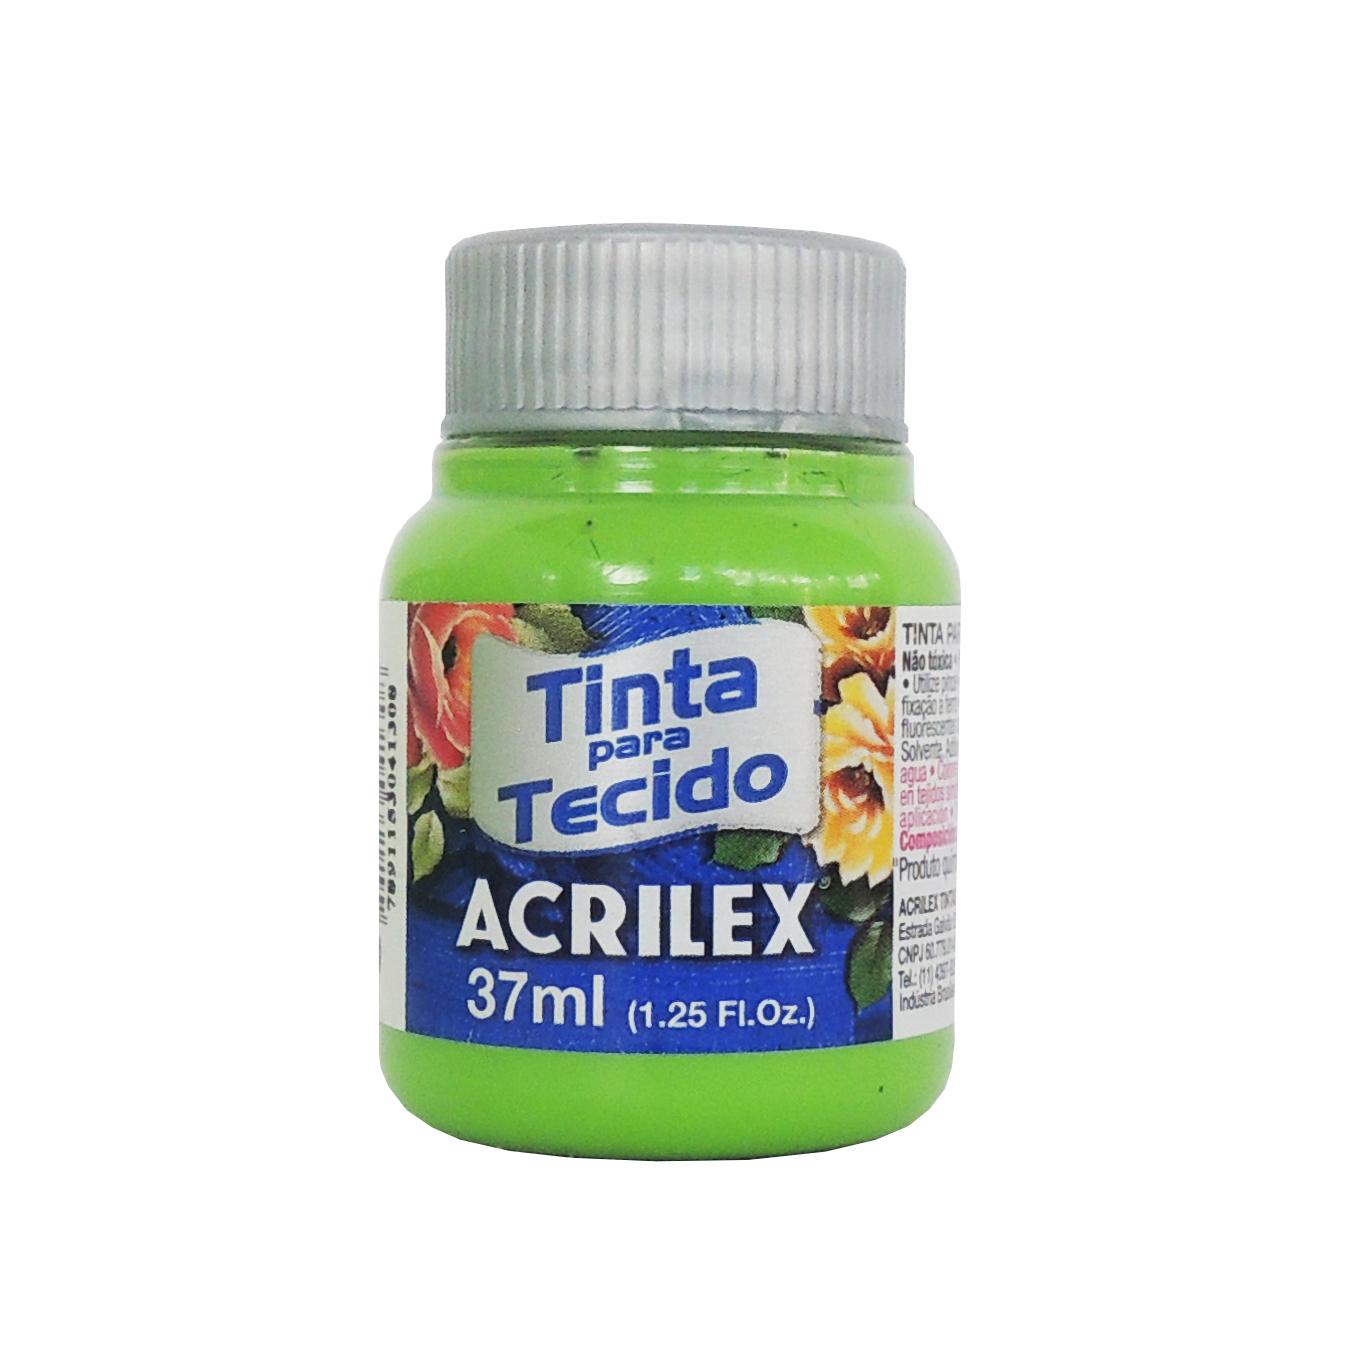 tinta-para-tecido-acrilex-37ml-510-verde-folha